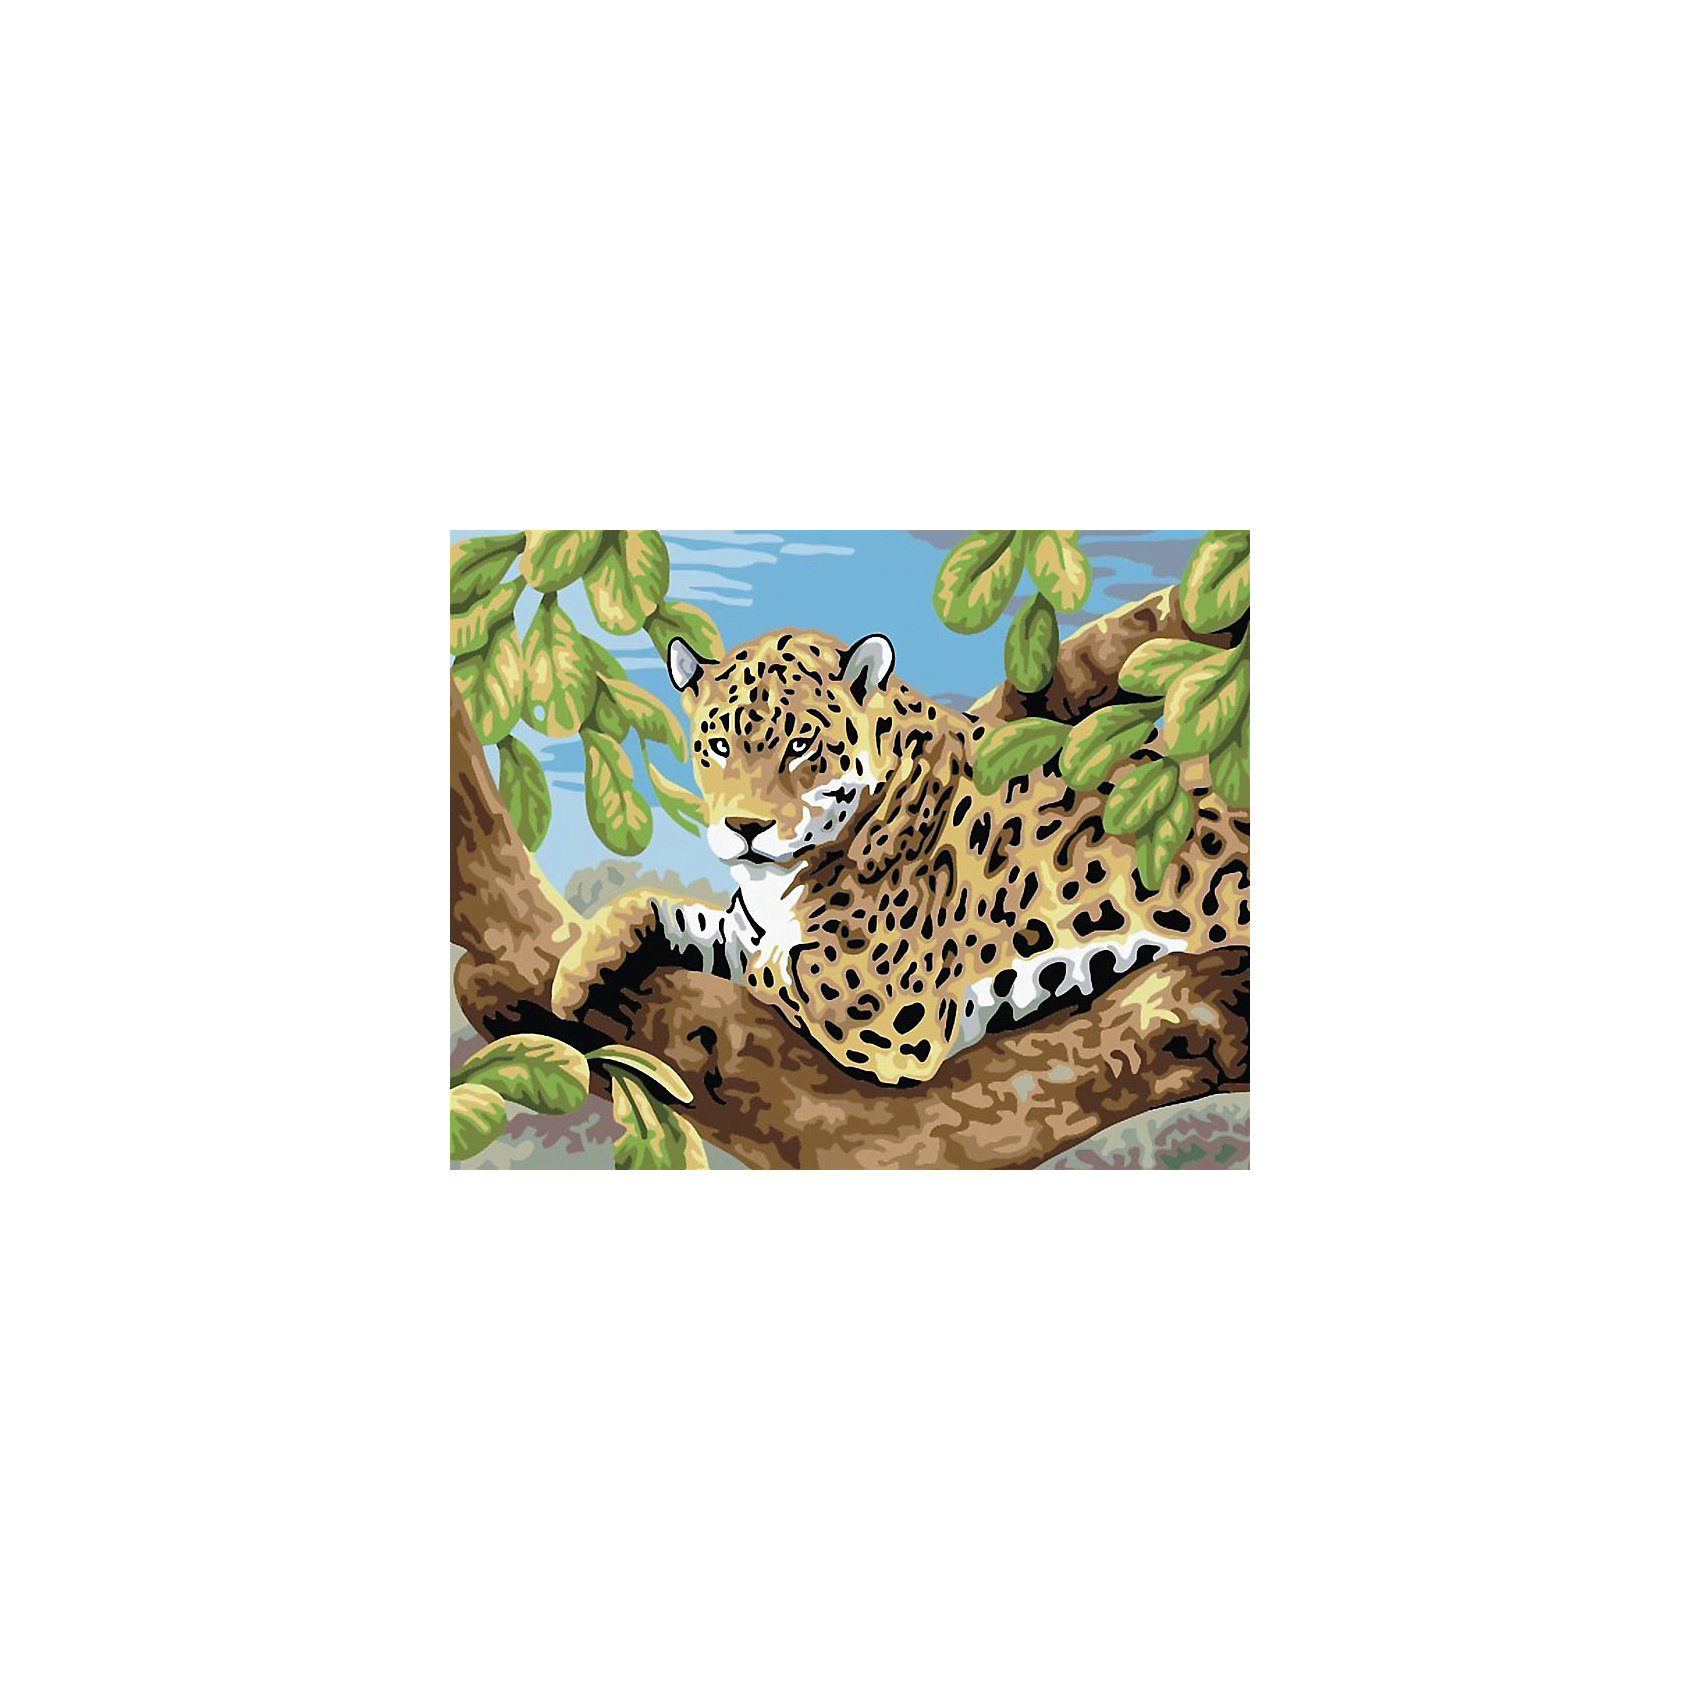 Живопись на холсте 30*40 см Леопард в лесуРисование<br>Характеристики товара:<br><br>• цвет: разноцветный<br>• материал: акрил, картон<br>• размер: 30 x 40 см<br>• комплектация: полотно на подрамнике с контурами рисунка, пробный лист с рисунком, набор акриловых красок, три кисти, крепление на стену для картины<br>• для детей от шести лет и взрослых<br>• не требует специальных навыков<br>• страна бренда: Китай<br>• страна изготовитель: Китай<br><br>Как с удовольствием и пользой провести время? Порисовать! Это занятие, которое любят многие дети и взрослые. Рисование помогает развить важные навыки и просто приносит удовольствие! Чтобы вселить в ребенка уверенность в своих силах, можно предложить ему этот набор - в нем уже есть сюжет, контуры рисунка и участки с номерами, которые обозначают определенную краску из набора. Все оттенки уже готовы, задача художника - аккуратно, с помощью кисточек из набора, нанести краски на определенный участок полотна.<br>Взрослым также понравится этот процесс, рисовать можно и вместе с малышом! В итоге получается красивая картина, которой можно украсить интерьер. Рисование способствует развитию мелкой моторики, воображения, цветовосприятия, творческих способностей и усидчивости. Набор отлично проработан, сделан из качественных и проверенных материалов, которые безопасны для детей. Краски - акриловые, они быстро сохнут и легко смываются с кожи.<br><br>Живопись на холсте 30*40 см Леопард в лесу от торговой марки Белоснежка можно купить в нашем интернет-магазине.<br><br>Ширина мм: 410<br>Глубина мм: 310<br>Высота мм: 25<br>Вес г: 567<br>Возраст от месяцев: 72<br>Возраст до месяцев: 144<br>Пол: Унисекс<br>Возраст: Детский<br>SKU: 5089685